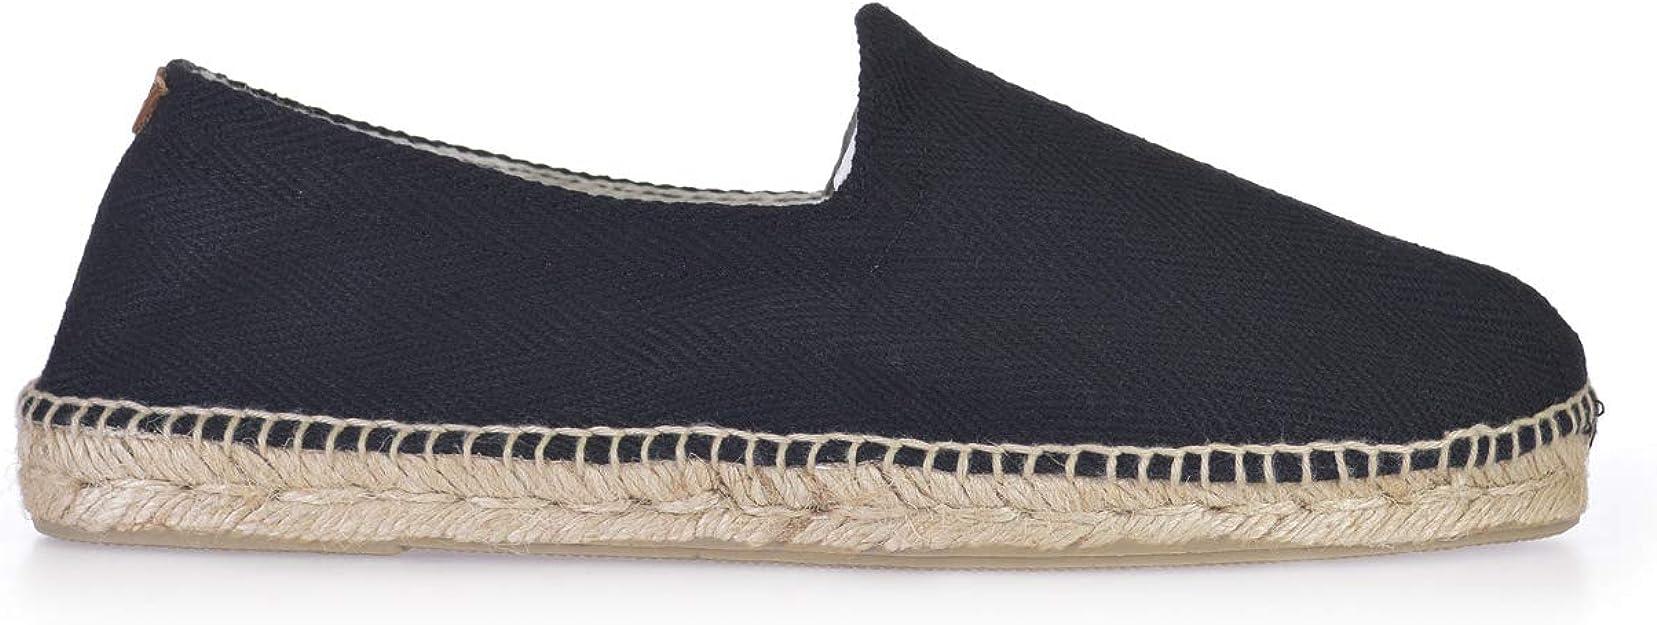 MONTGRI - Alpargata para Hombre de Toni Pons Hecha en Tejido.: Amazon.es: Zapatos y complementos